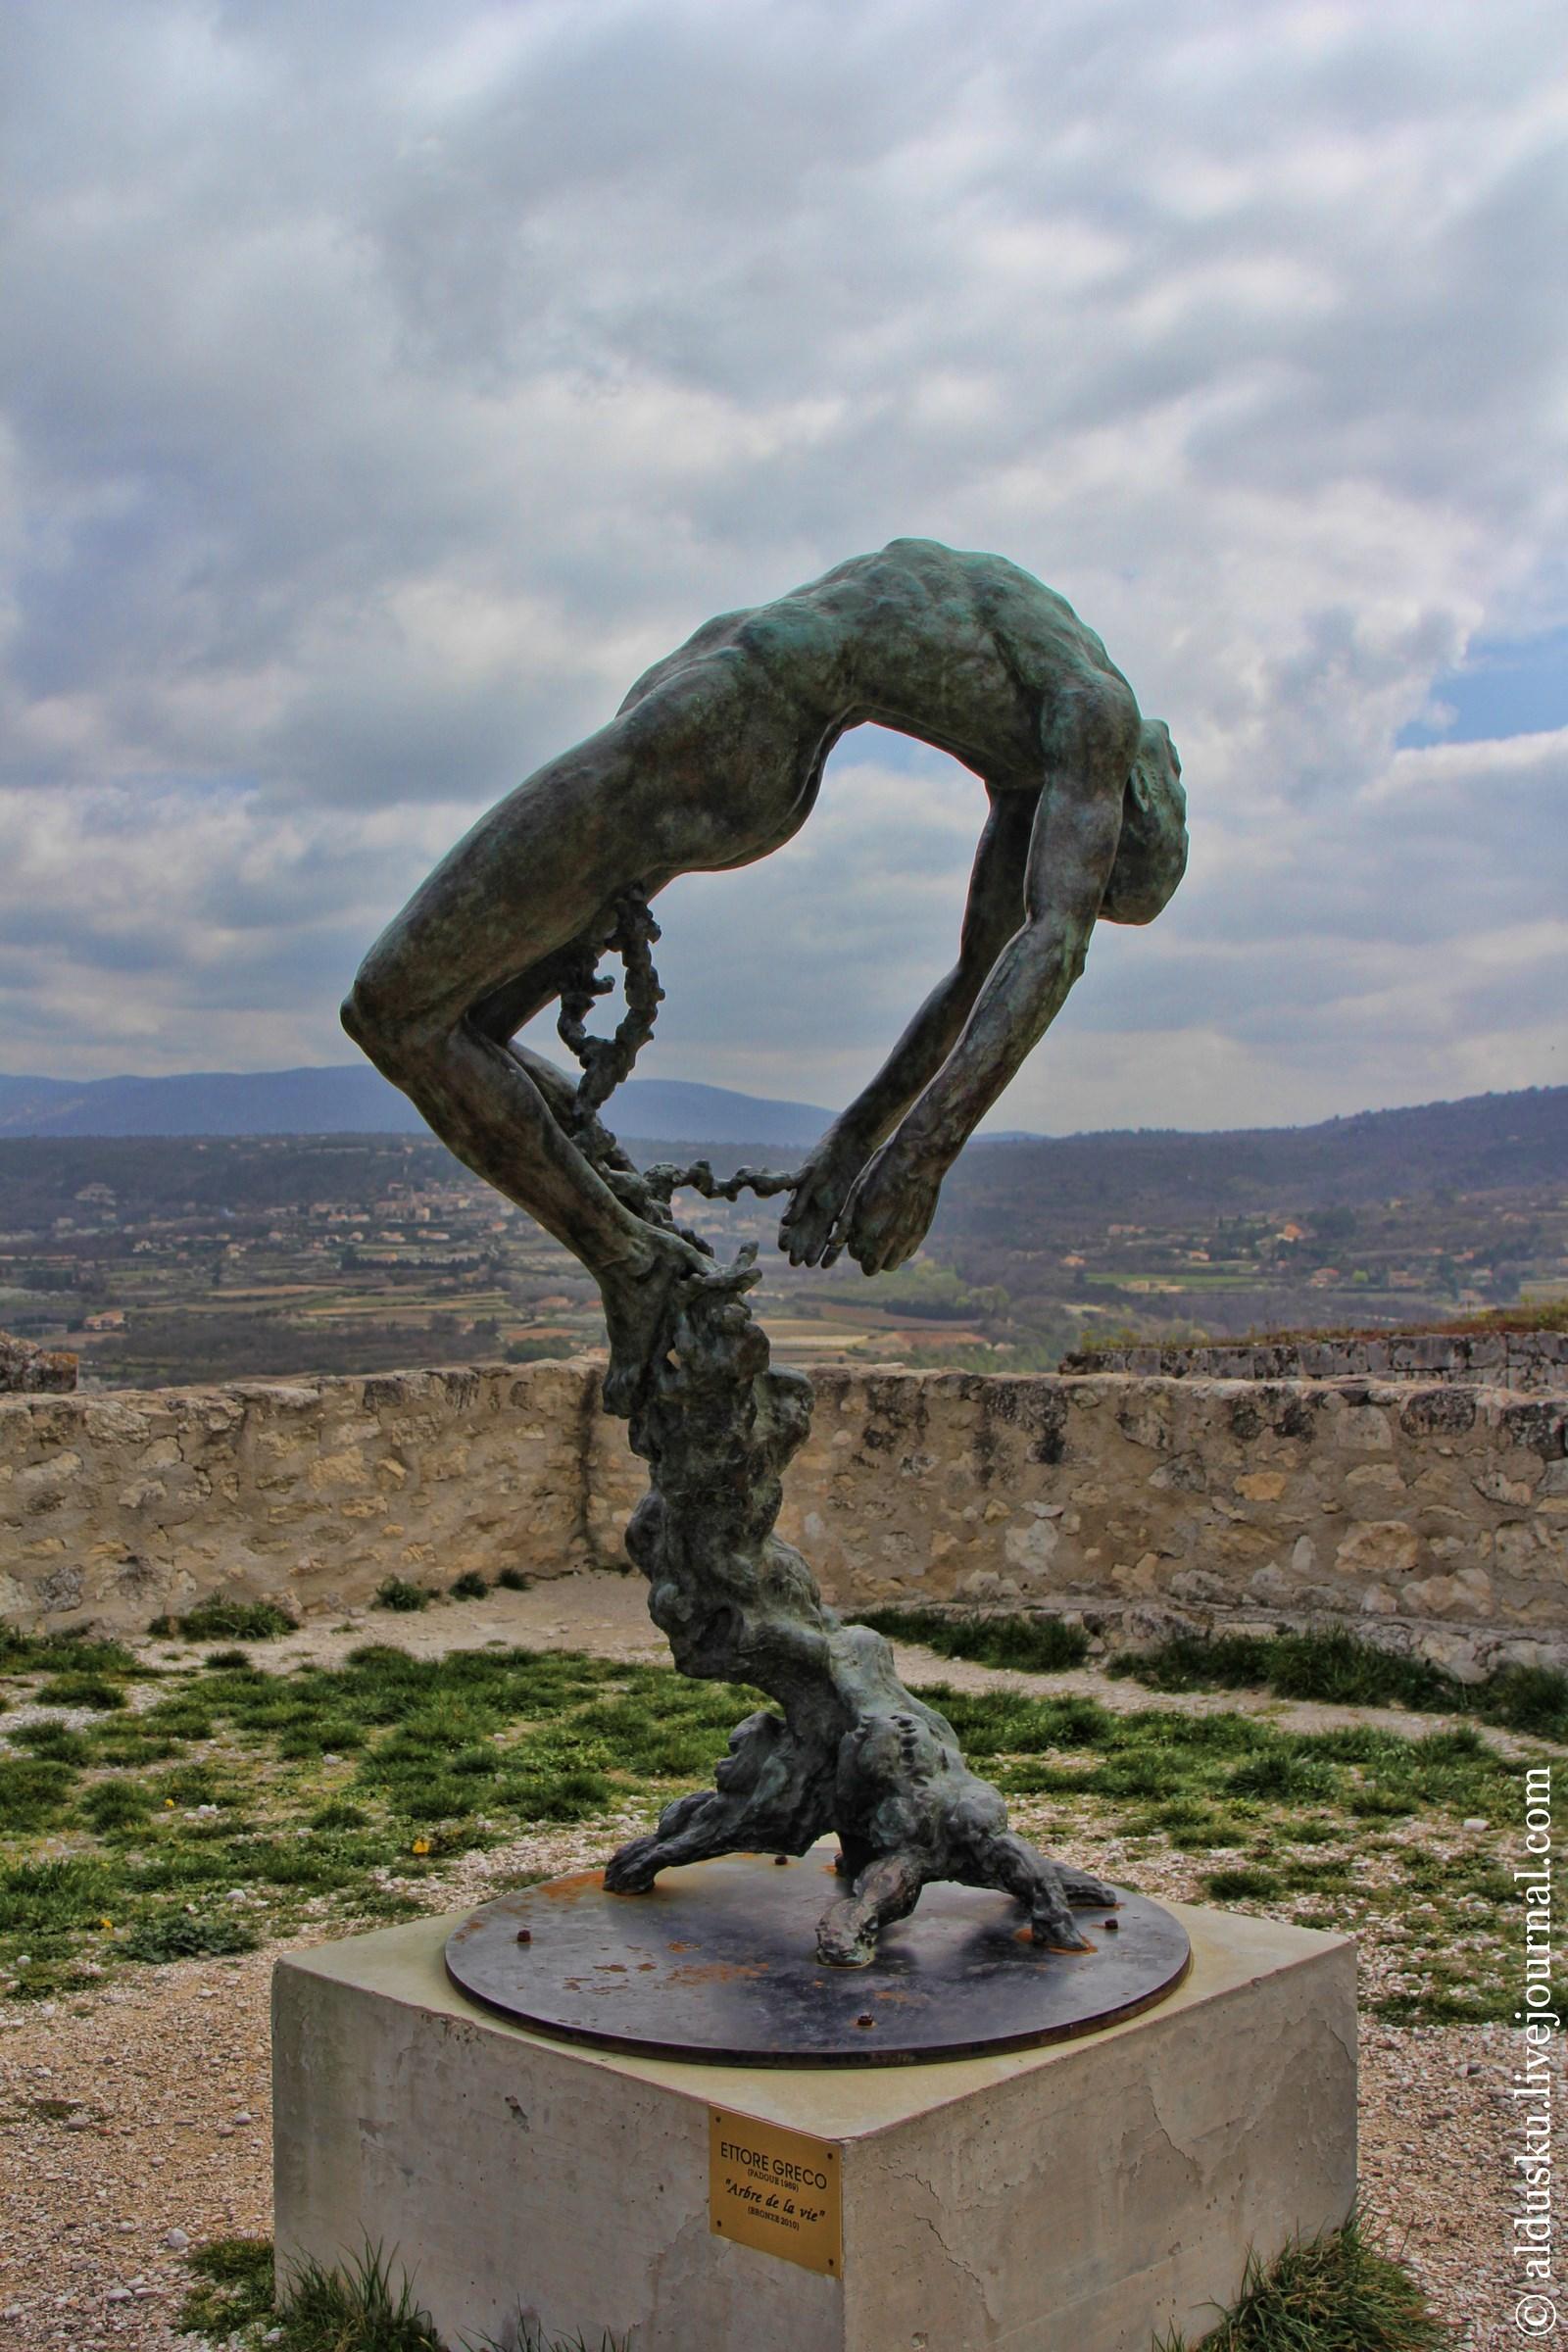 Памятник автор Ettoro Greco «Arbe de la vie» [Древо жизни] бронза. 2010